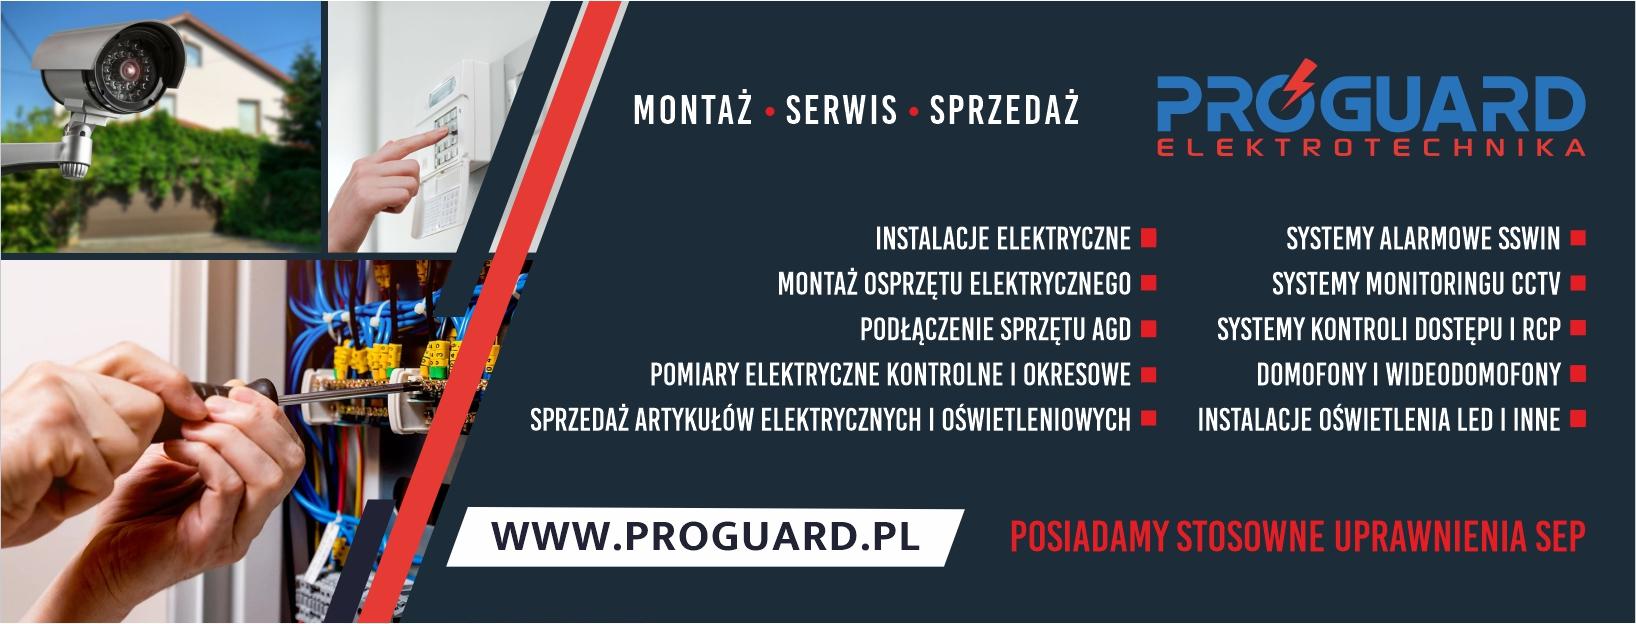 Wykonanie cover na facebook dla Proguard Elektrotechnika